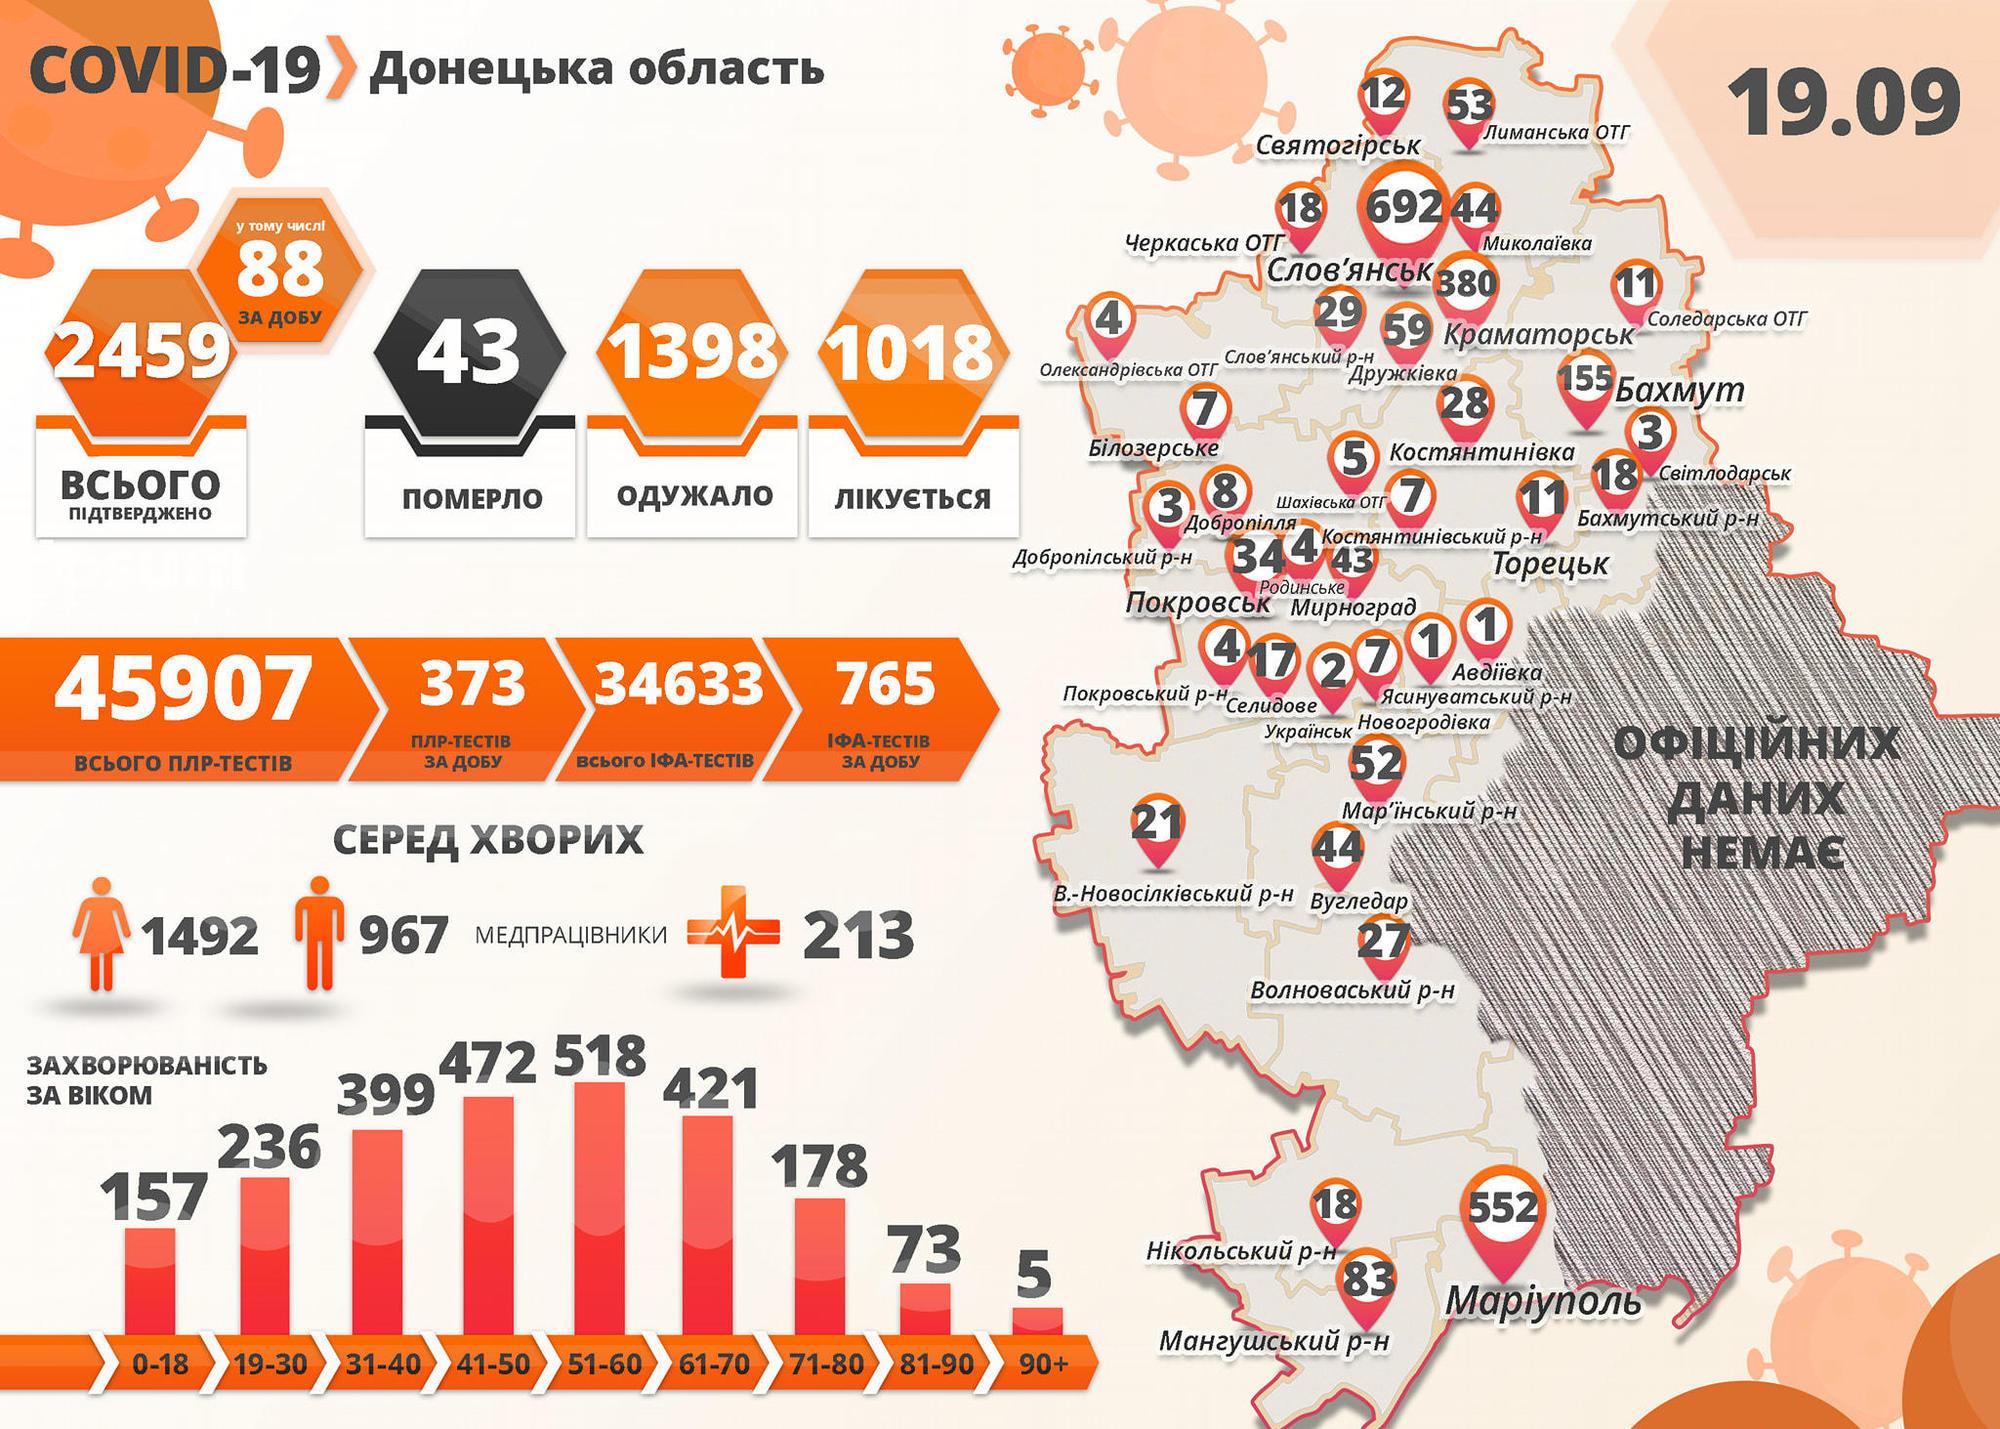 коронавирус статистика Донецкая область на 20 сентября